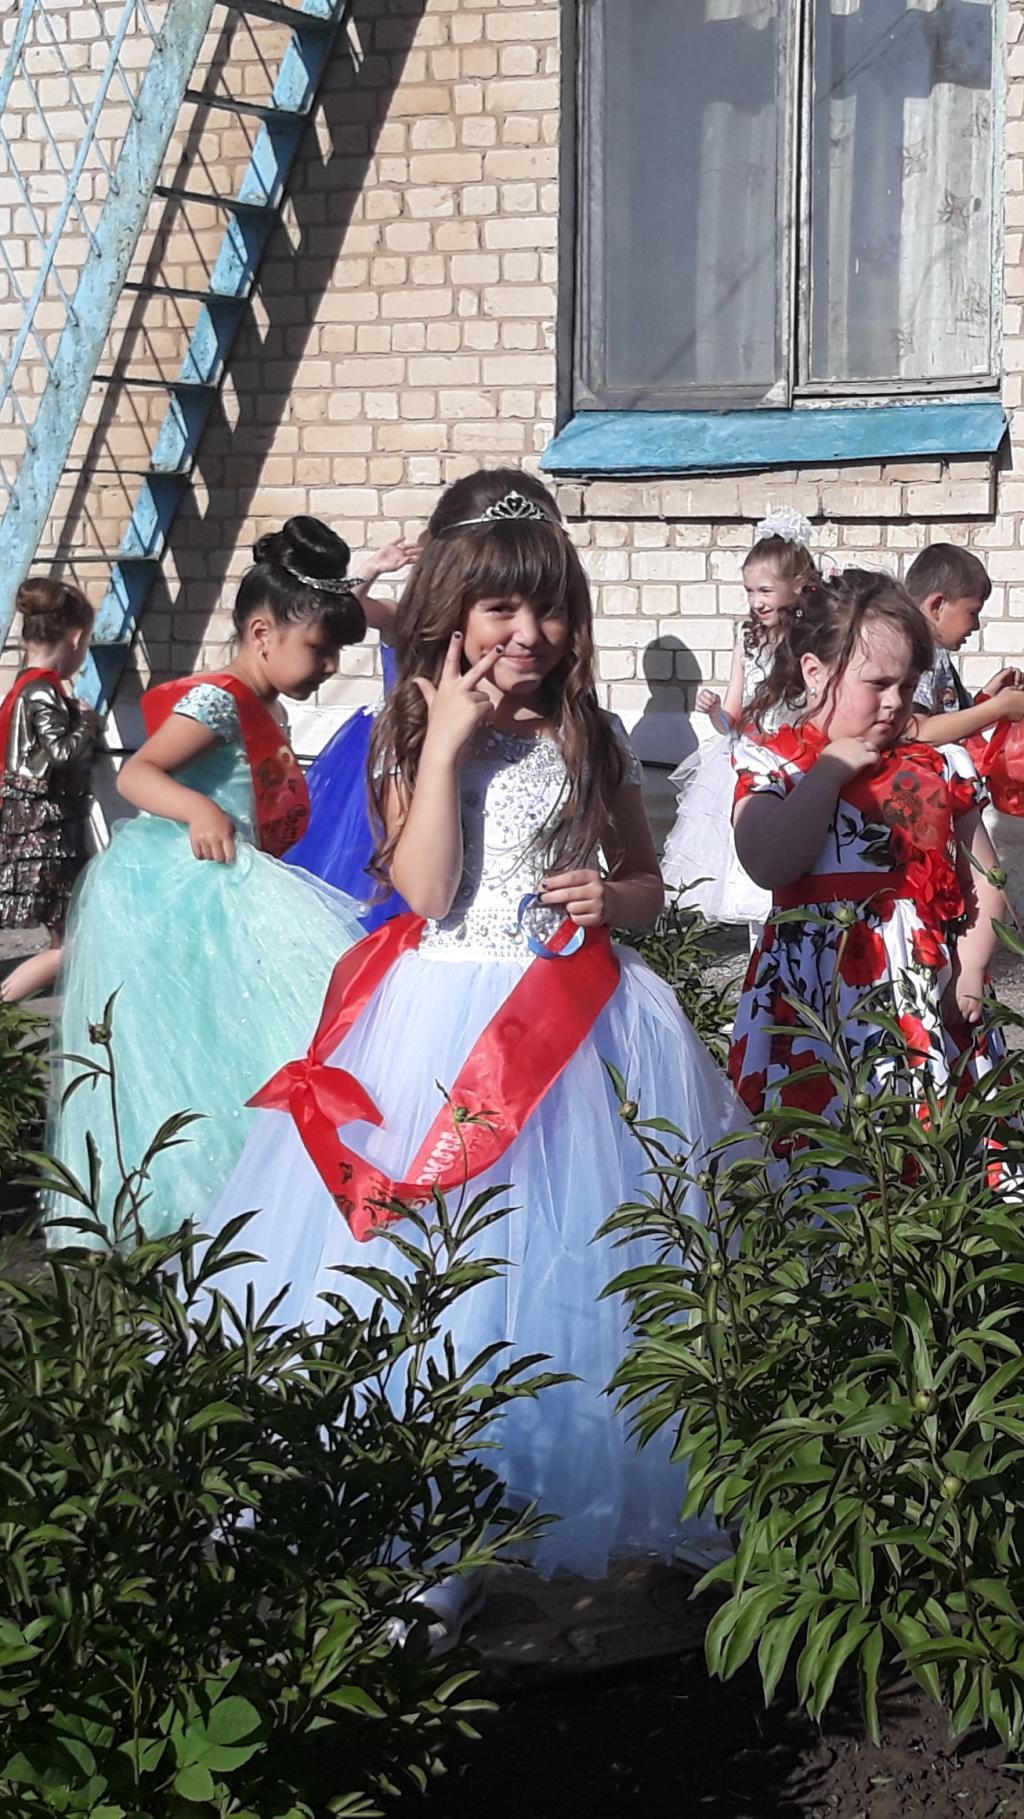 Принцесса собирается на бал.моя красотка. Принцесса собирается на бал